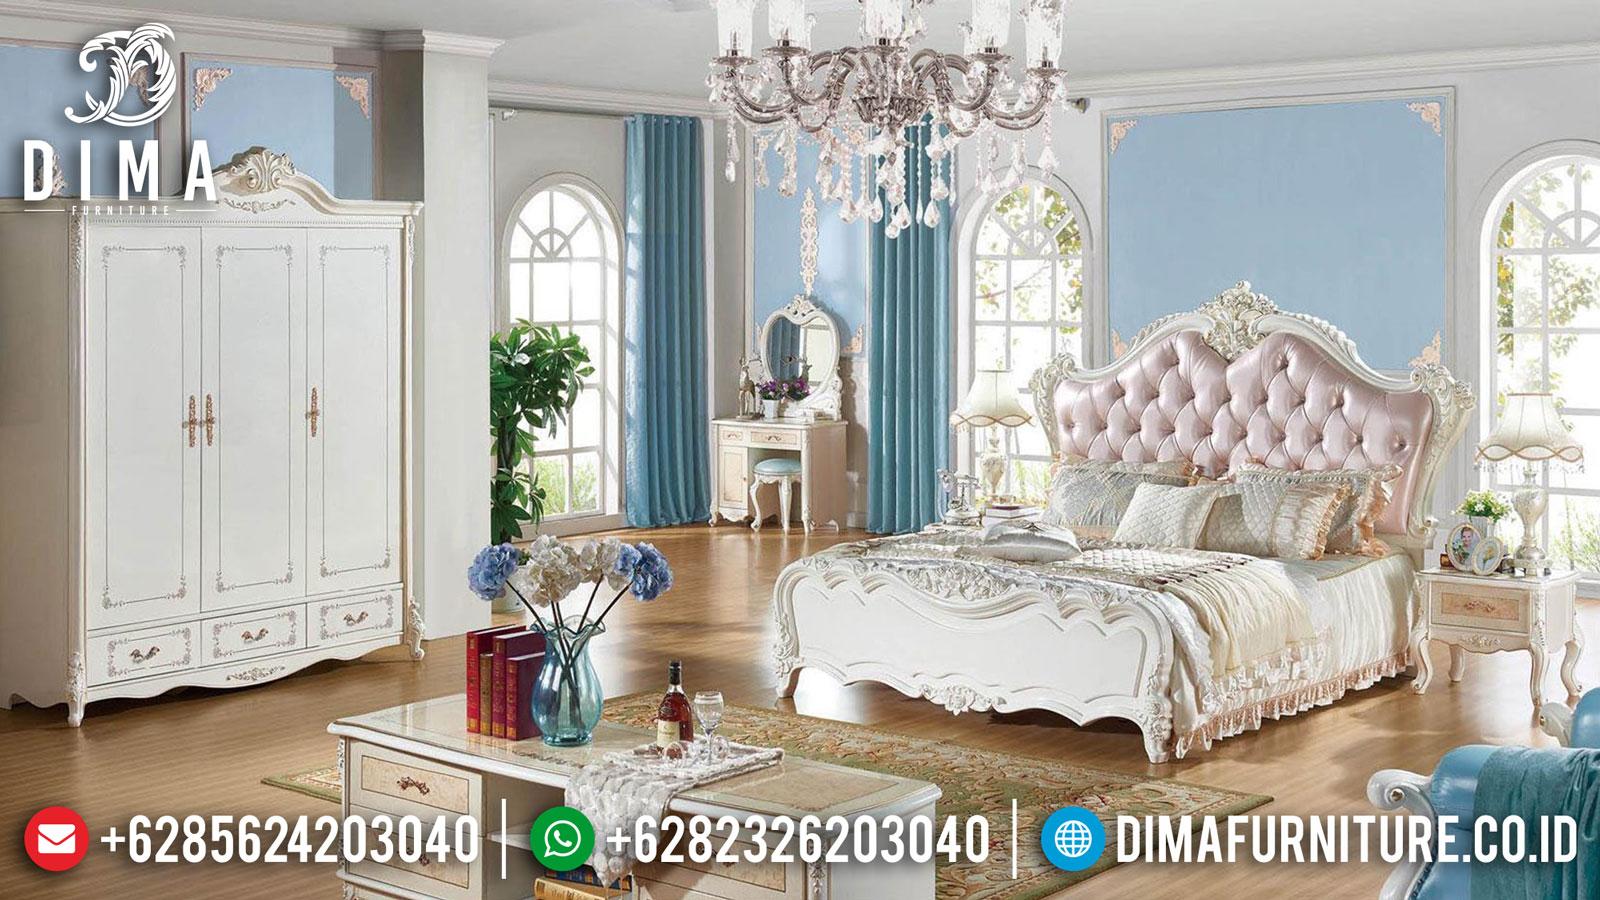 Jual Kamar Set Mewah Putih Duco Luxury Carving Jepara Greatest Item ST-1141